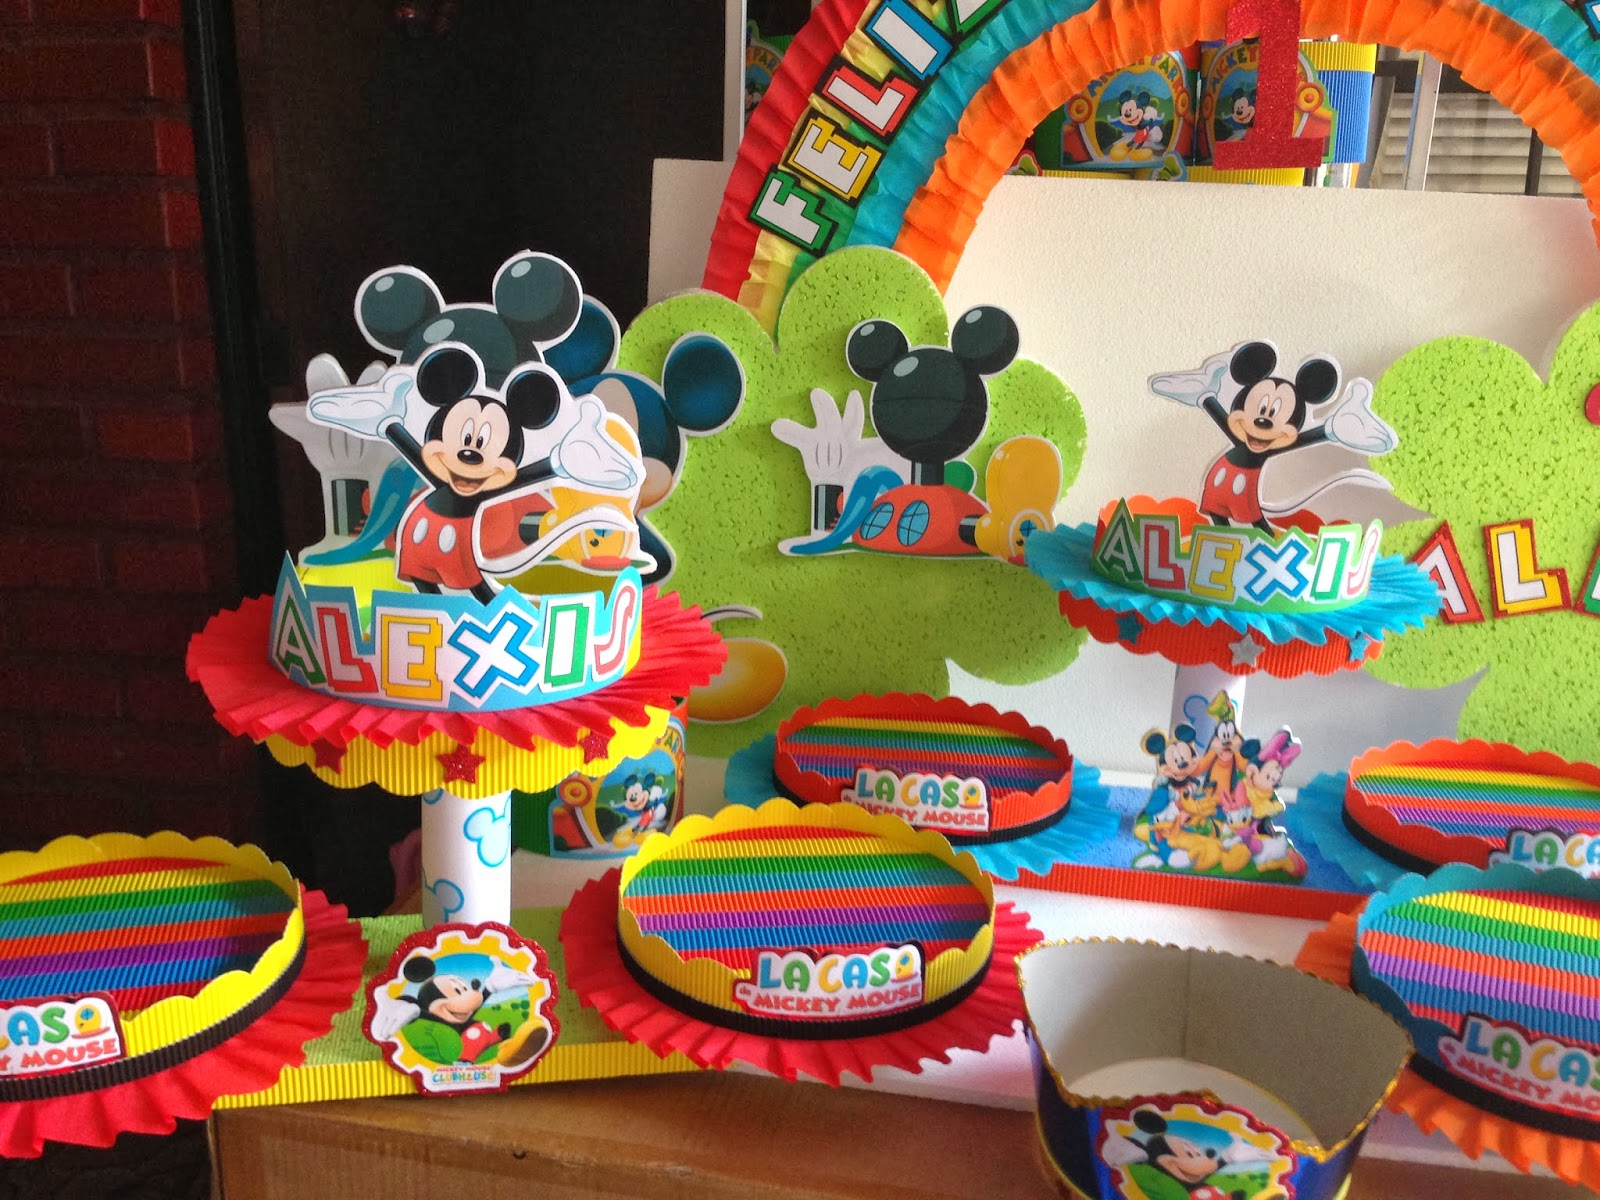 Decoraciones infantiles la casa de mickey mouse for Decoraciones infantiles